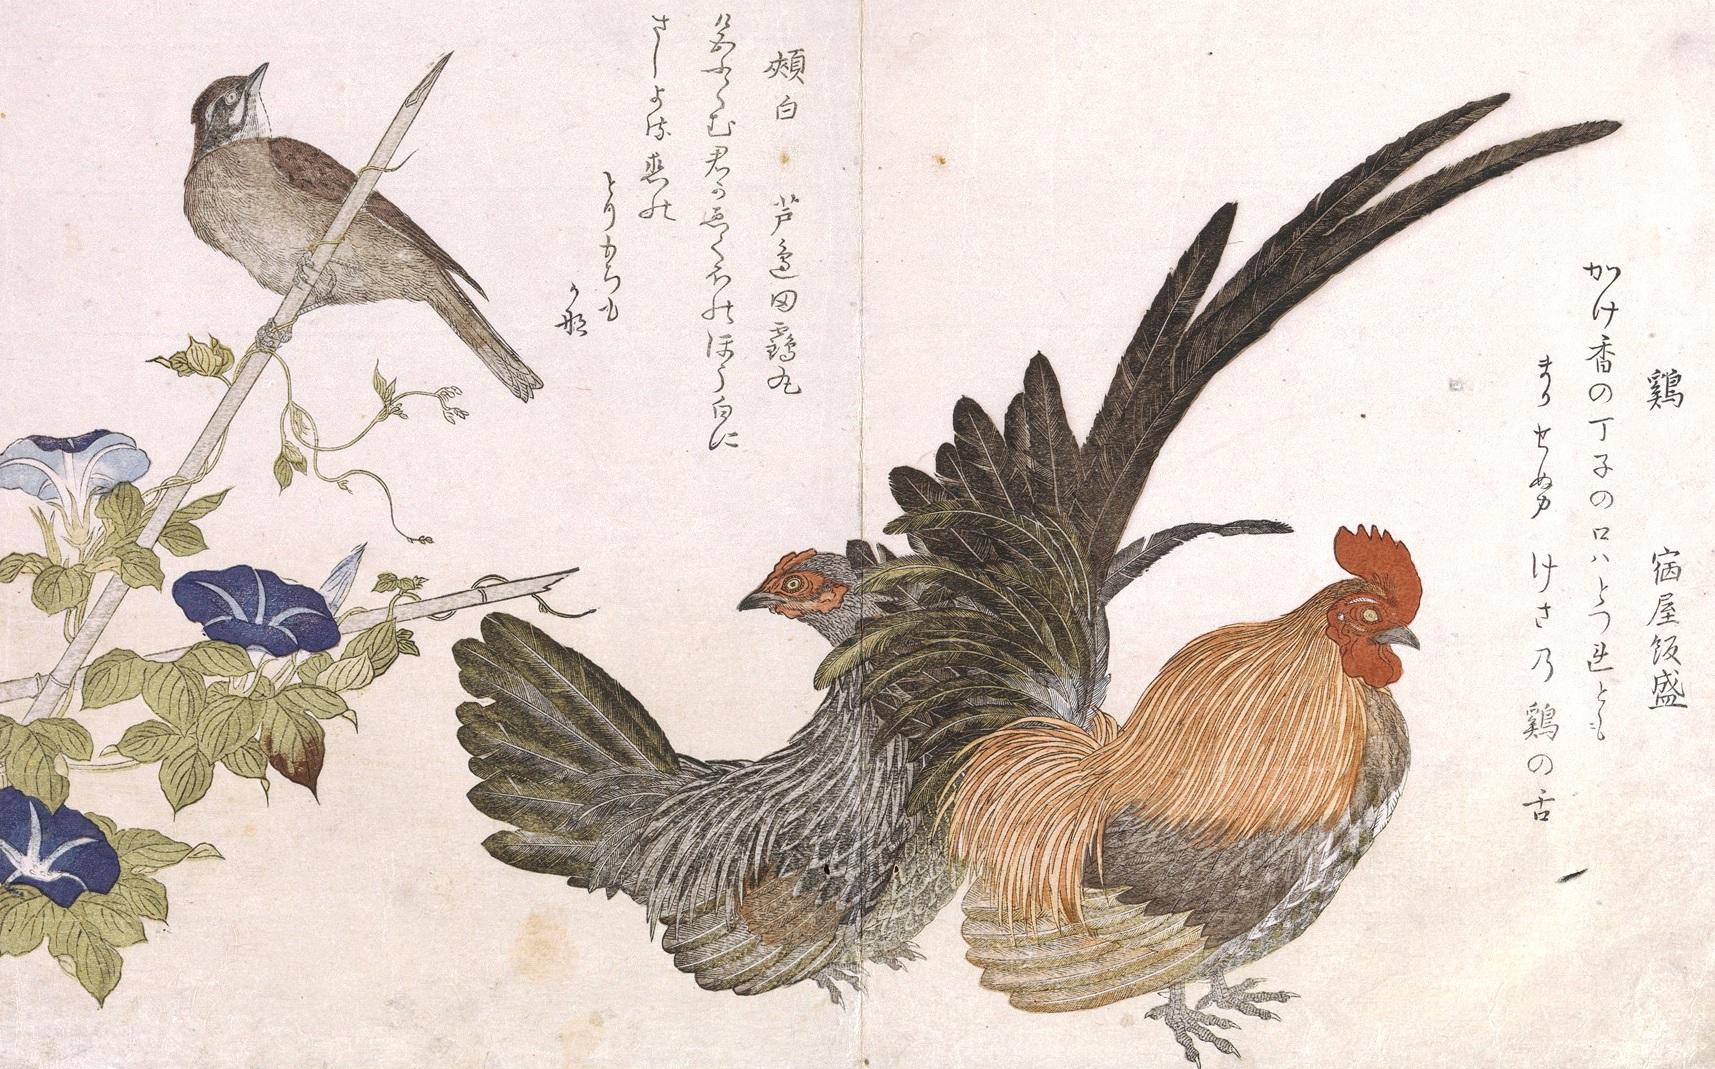 петух курица, японская живопись